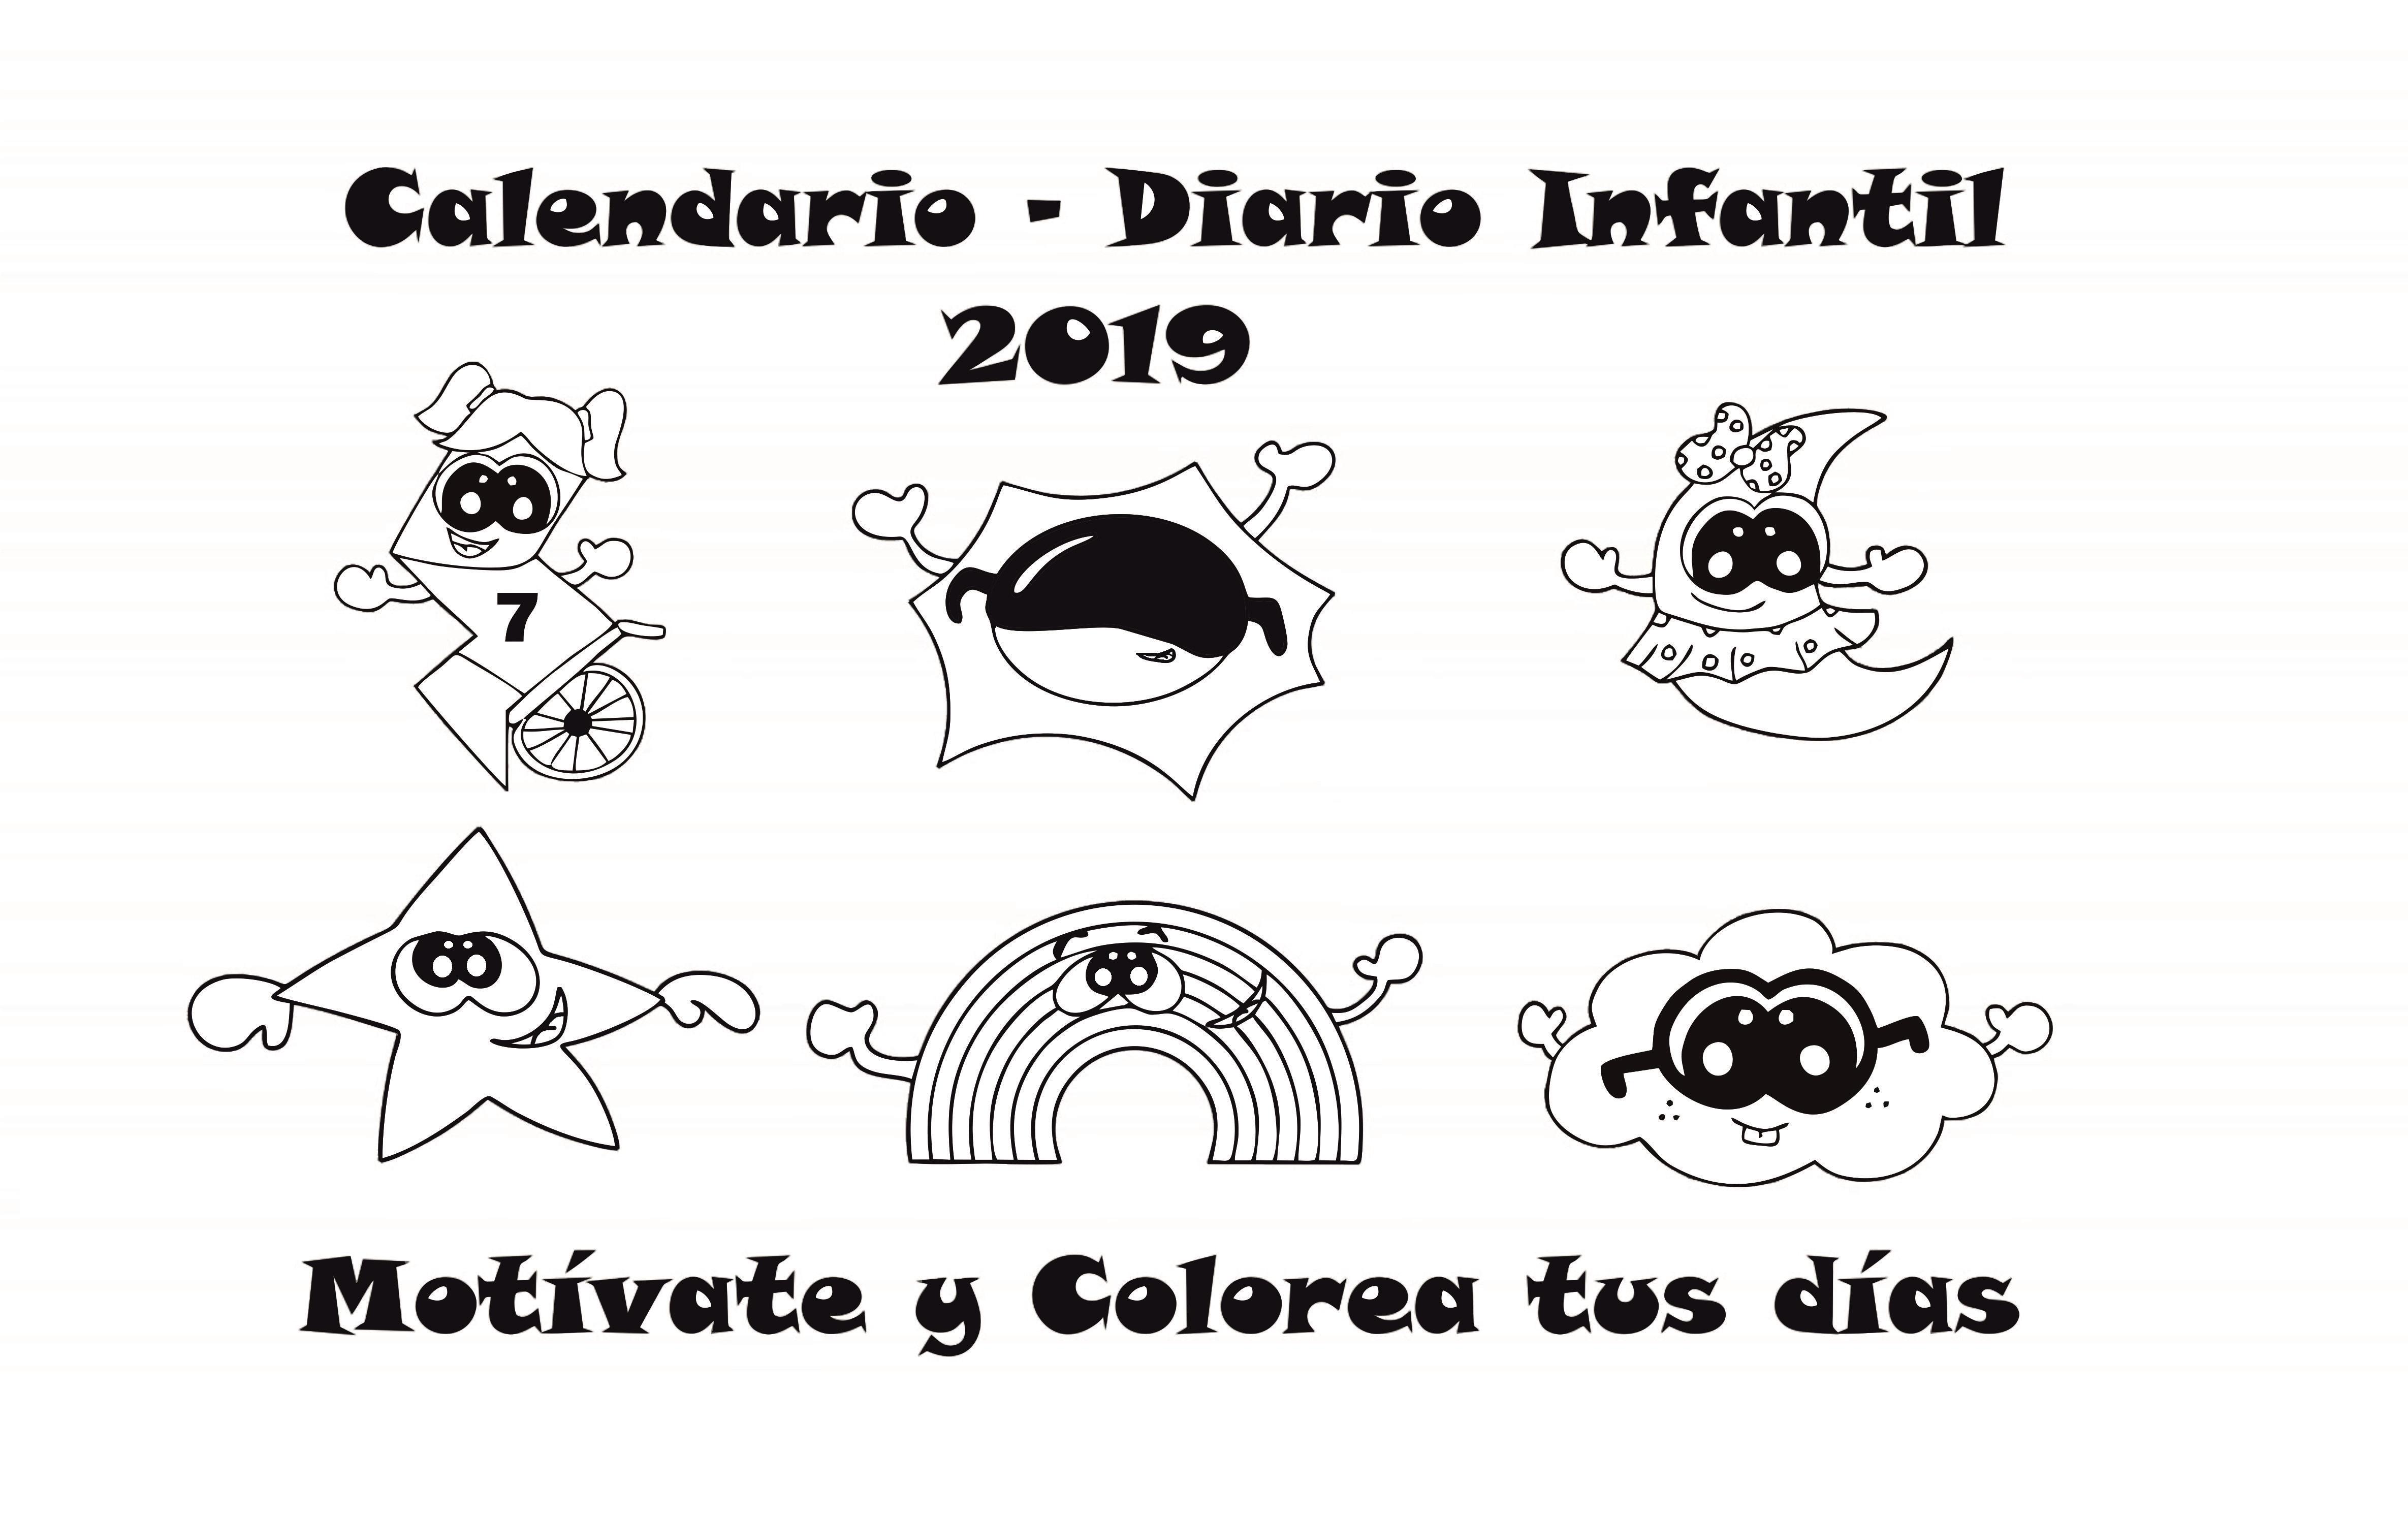 Calendario infantil diario 2019 00003O